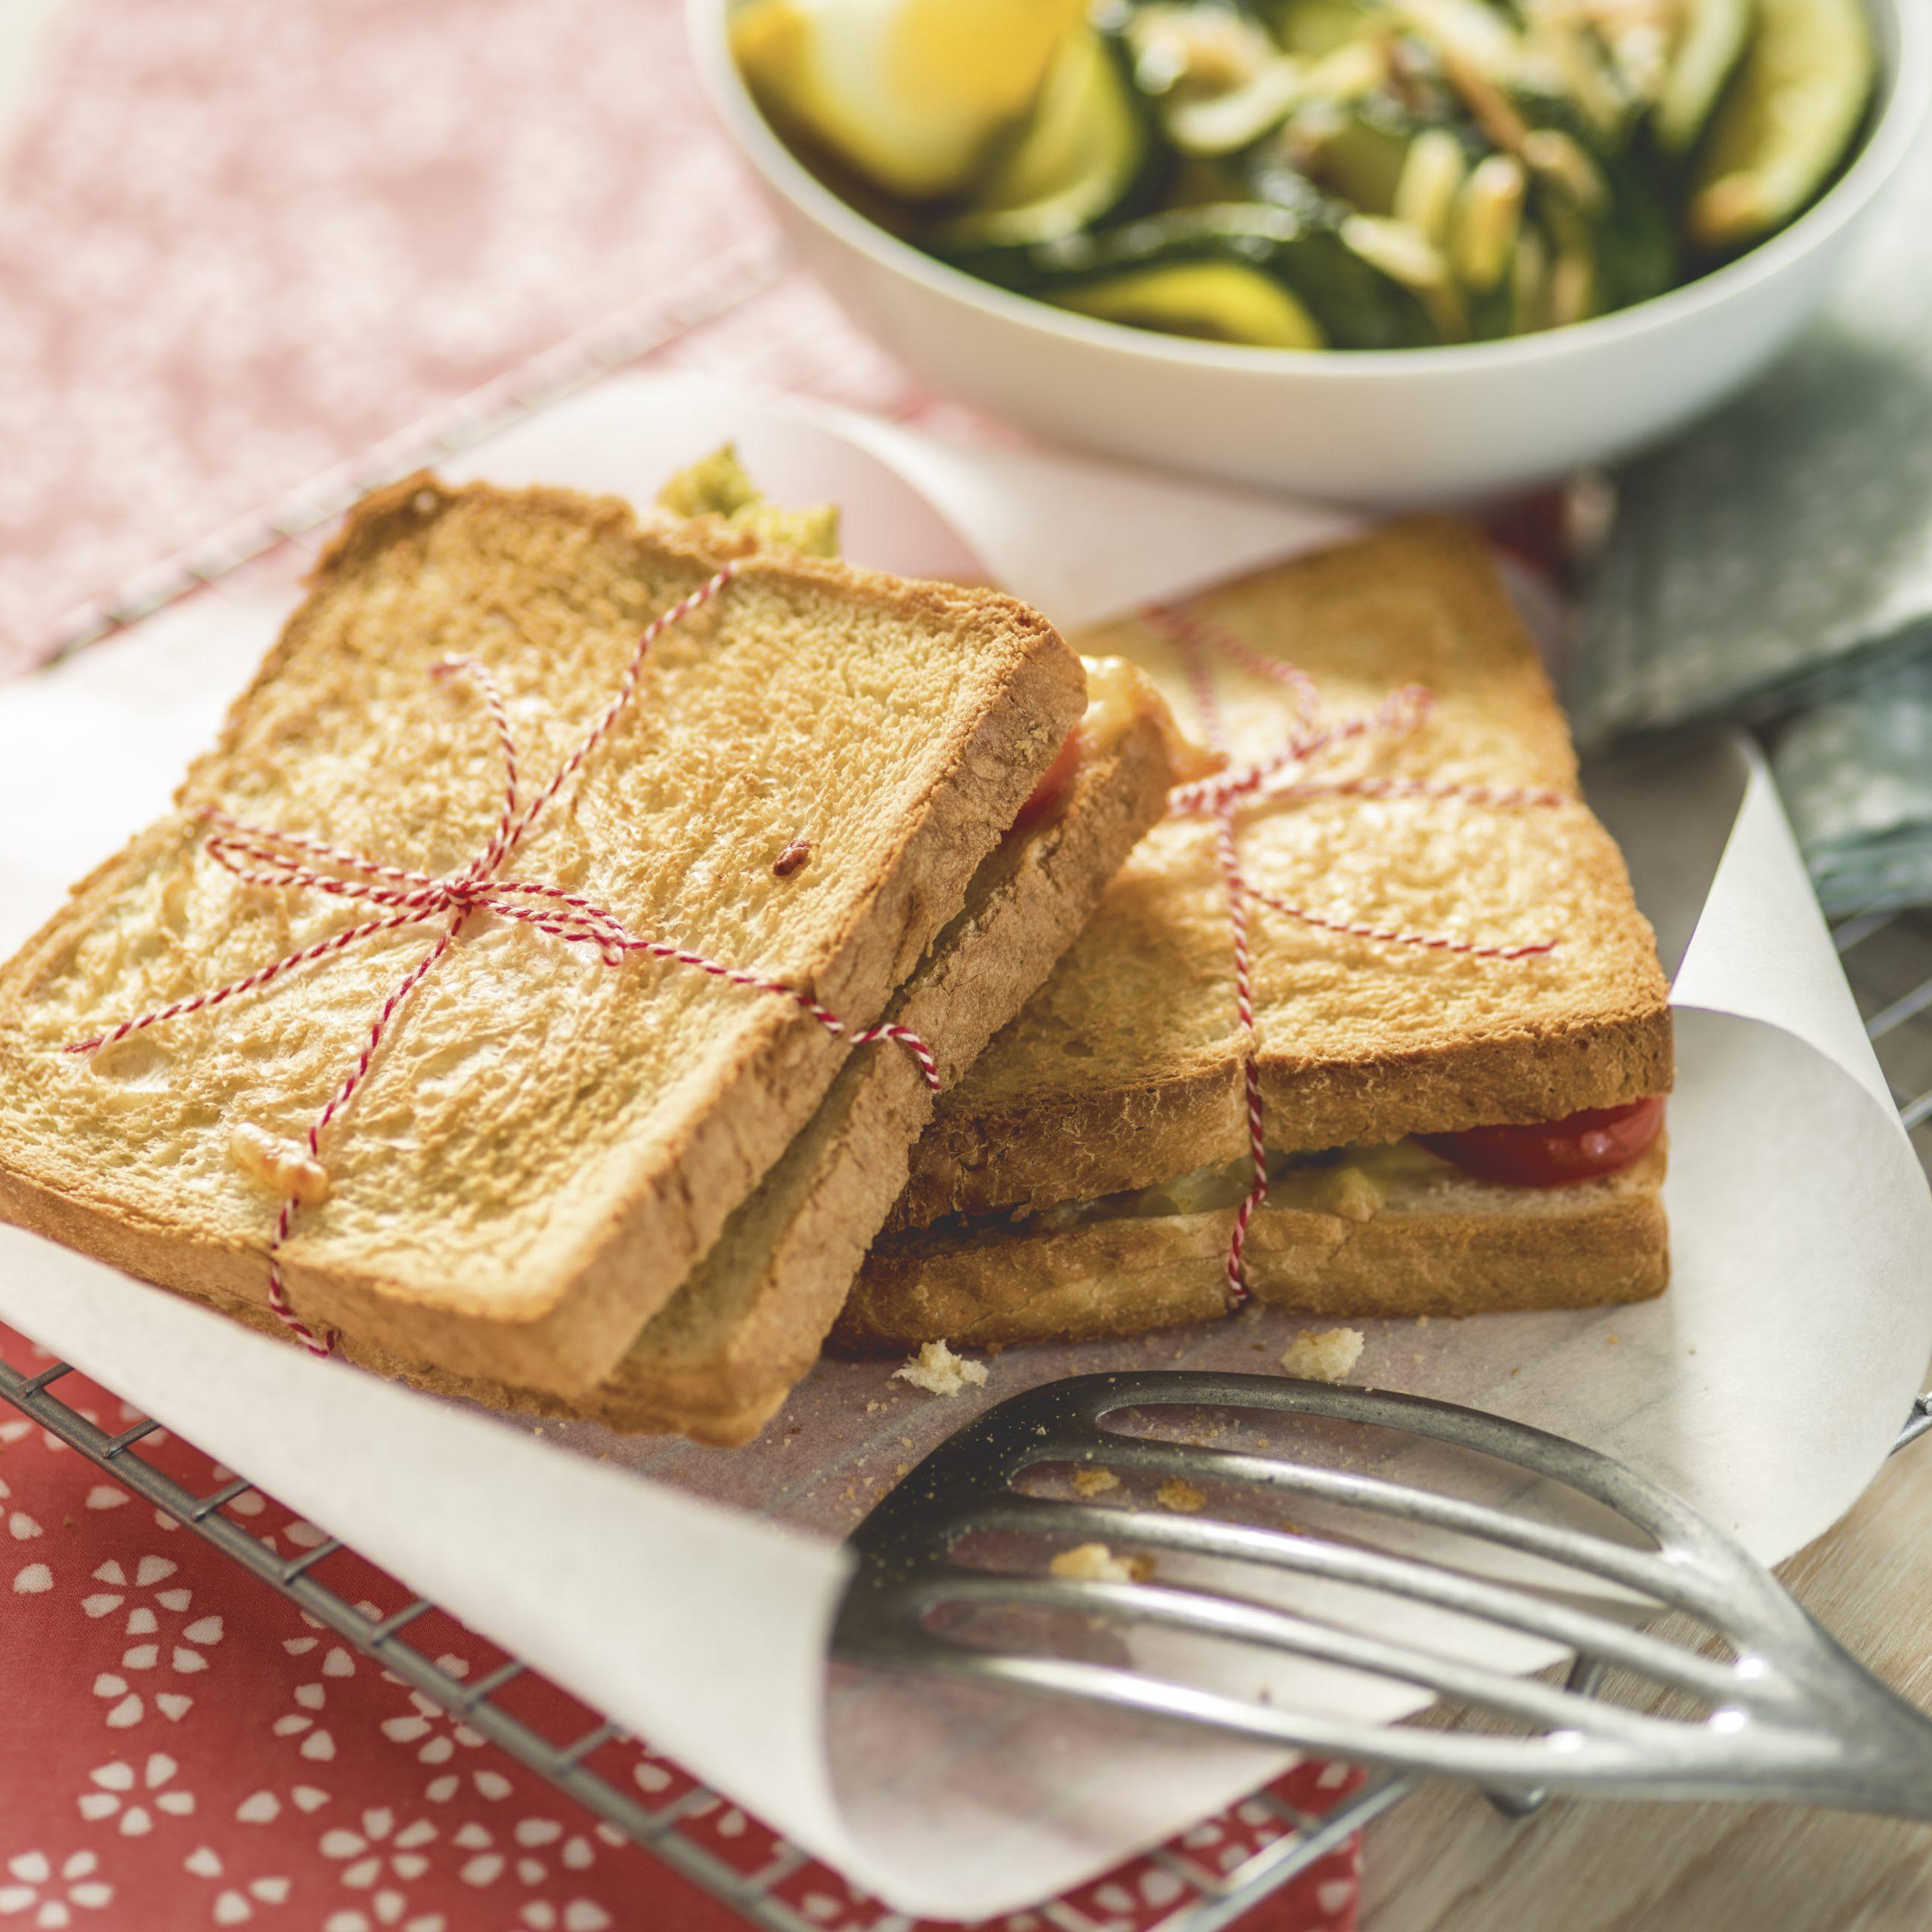 Käse-Päckchen mit Zucchini-Mandel-Salat